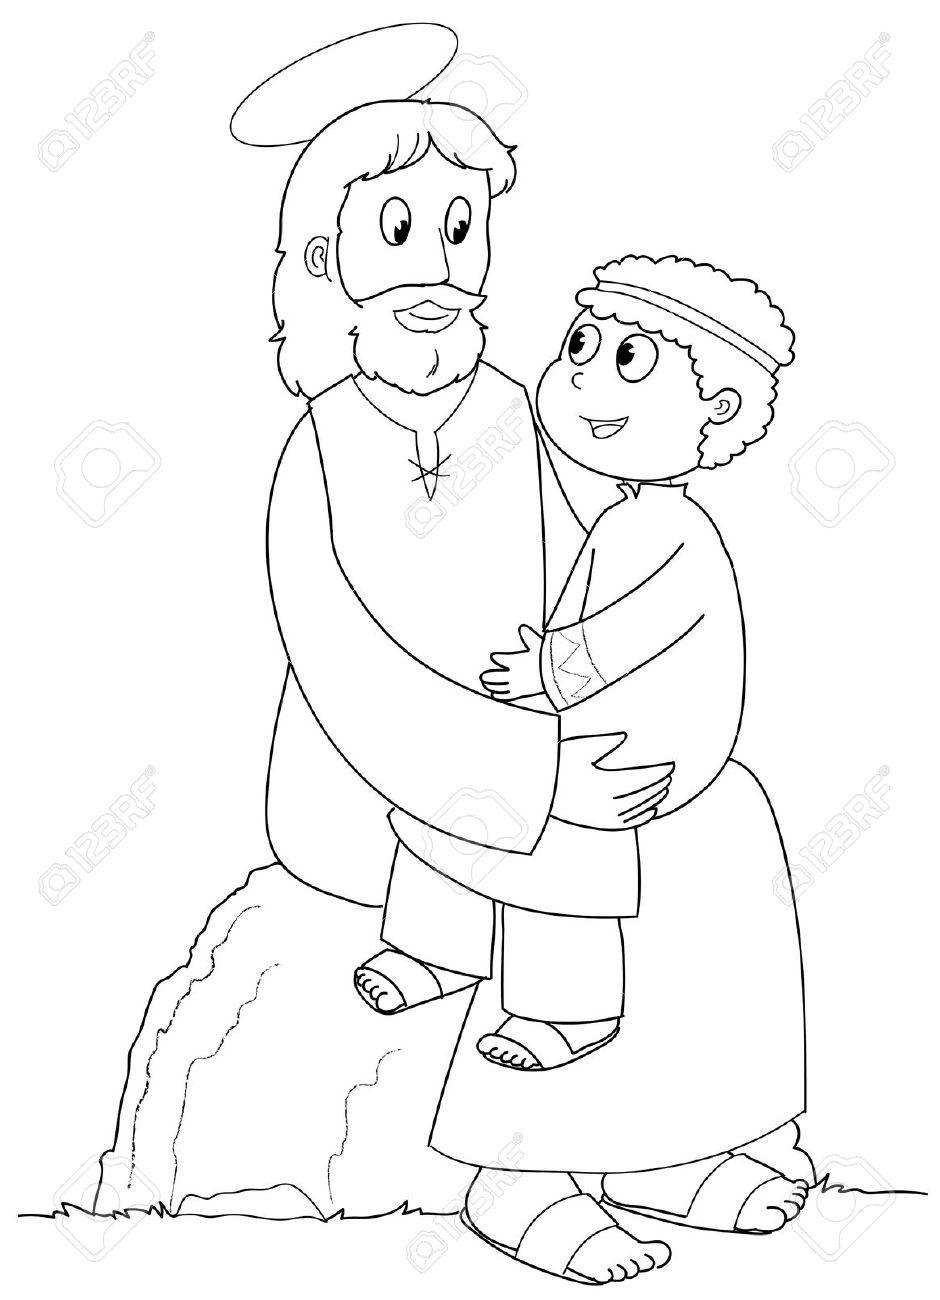 Jesucristo Con Un Niño Pequeño. Ilustración En Blanco Y Negro. Fotos ...